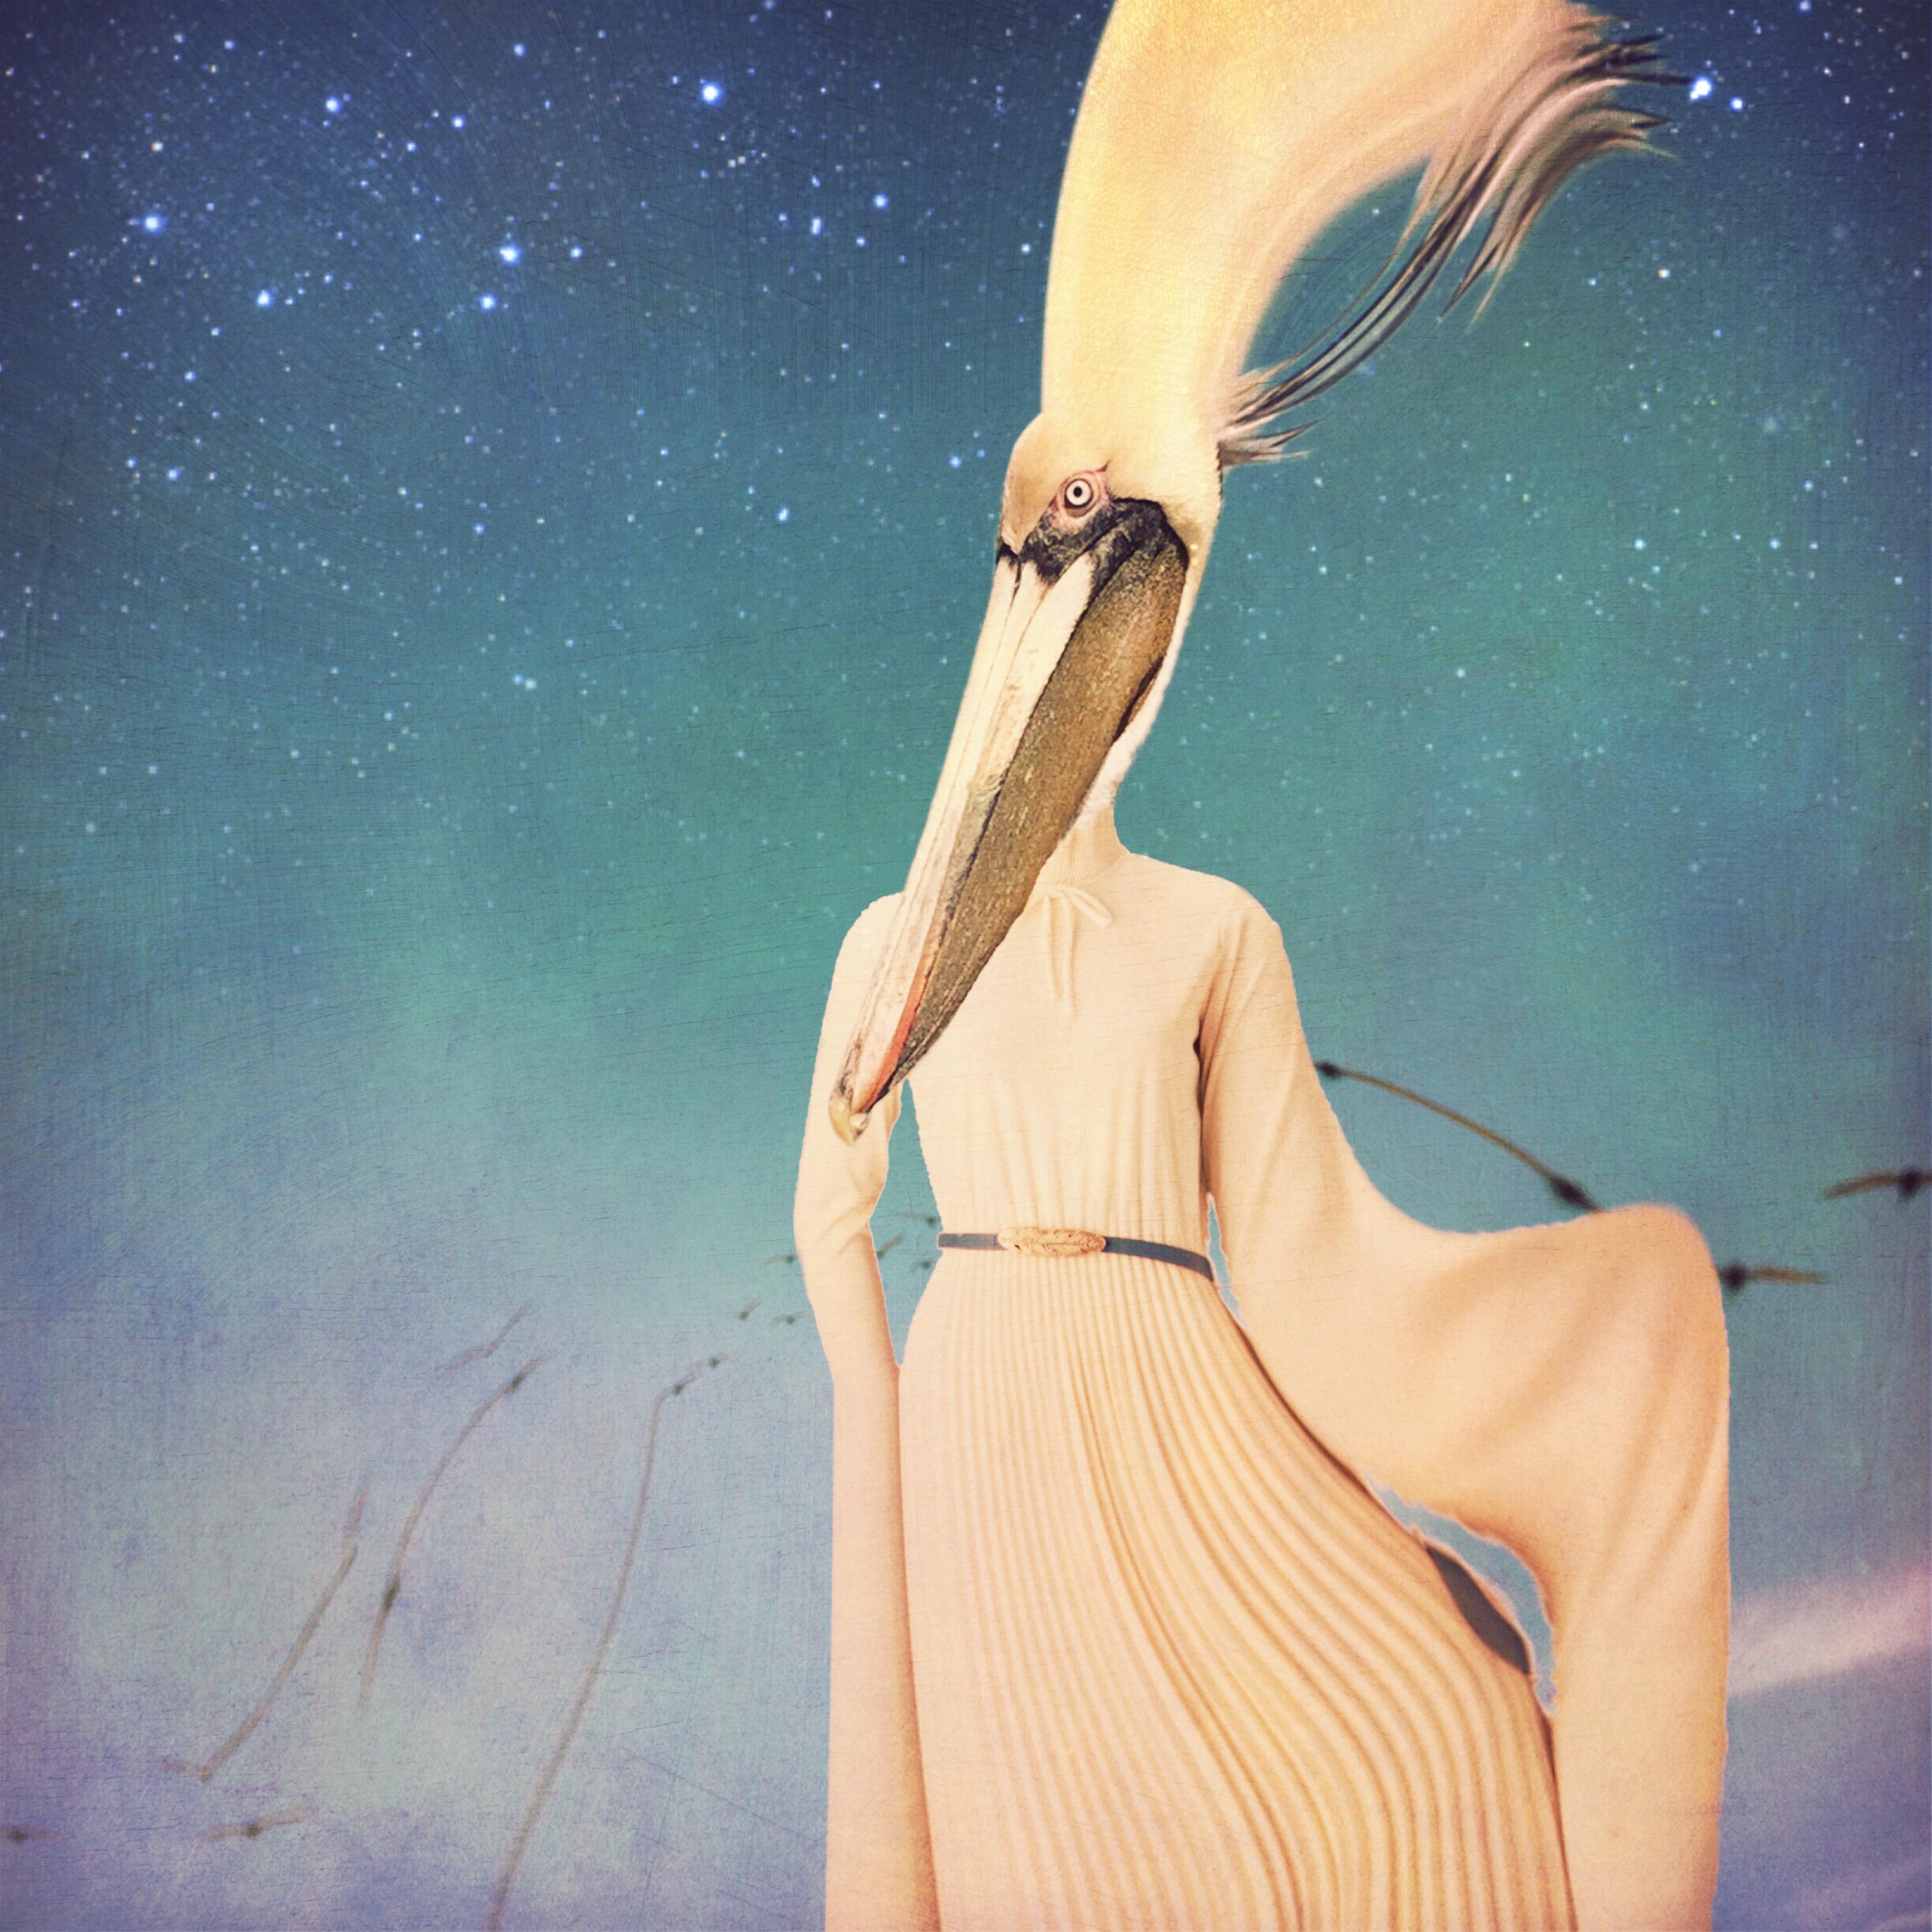 Lorenka Campos ~ I wish I may, I wish I might